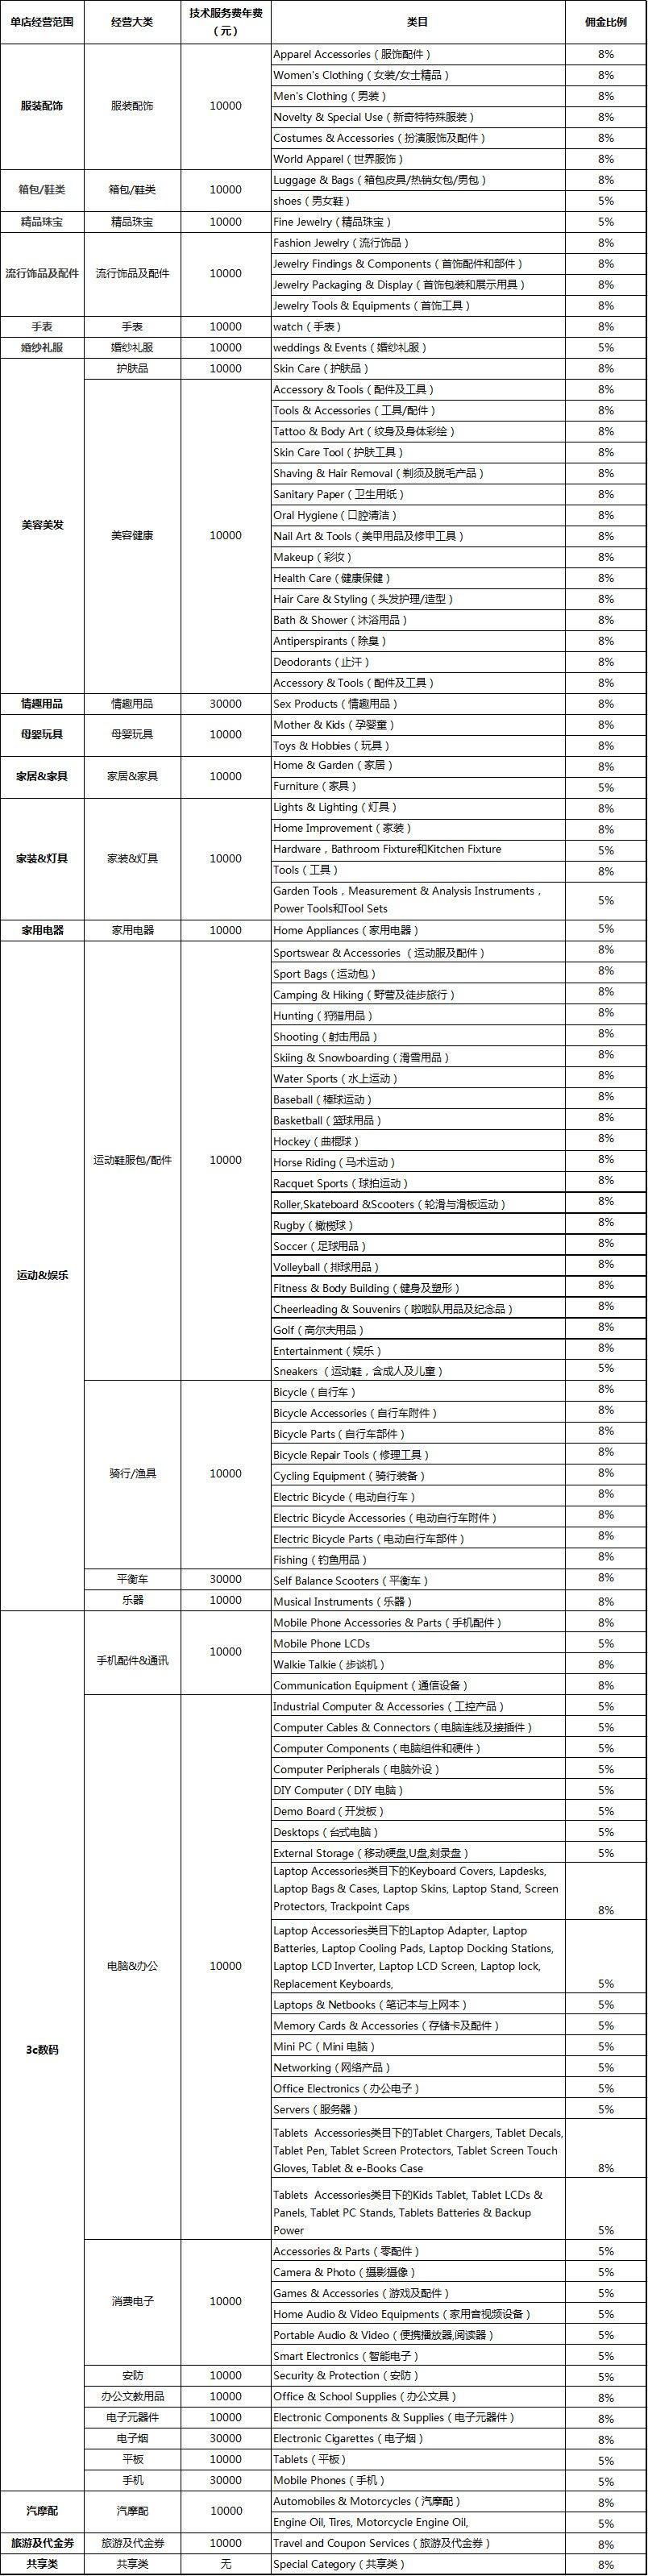 全球速卖通平台规则(卖家规则)官方更新时间:2017-8-10-浙江义乌网-跨境电商